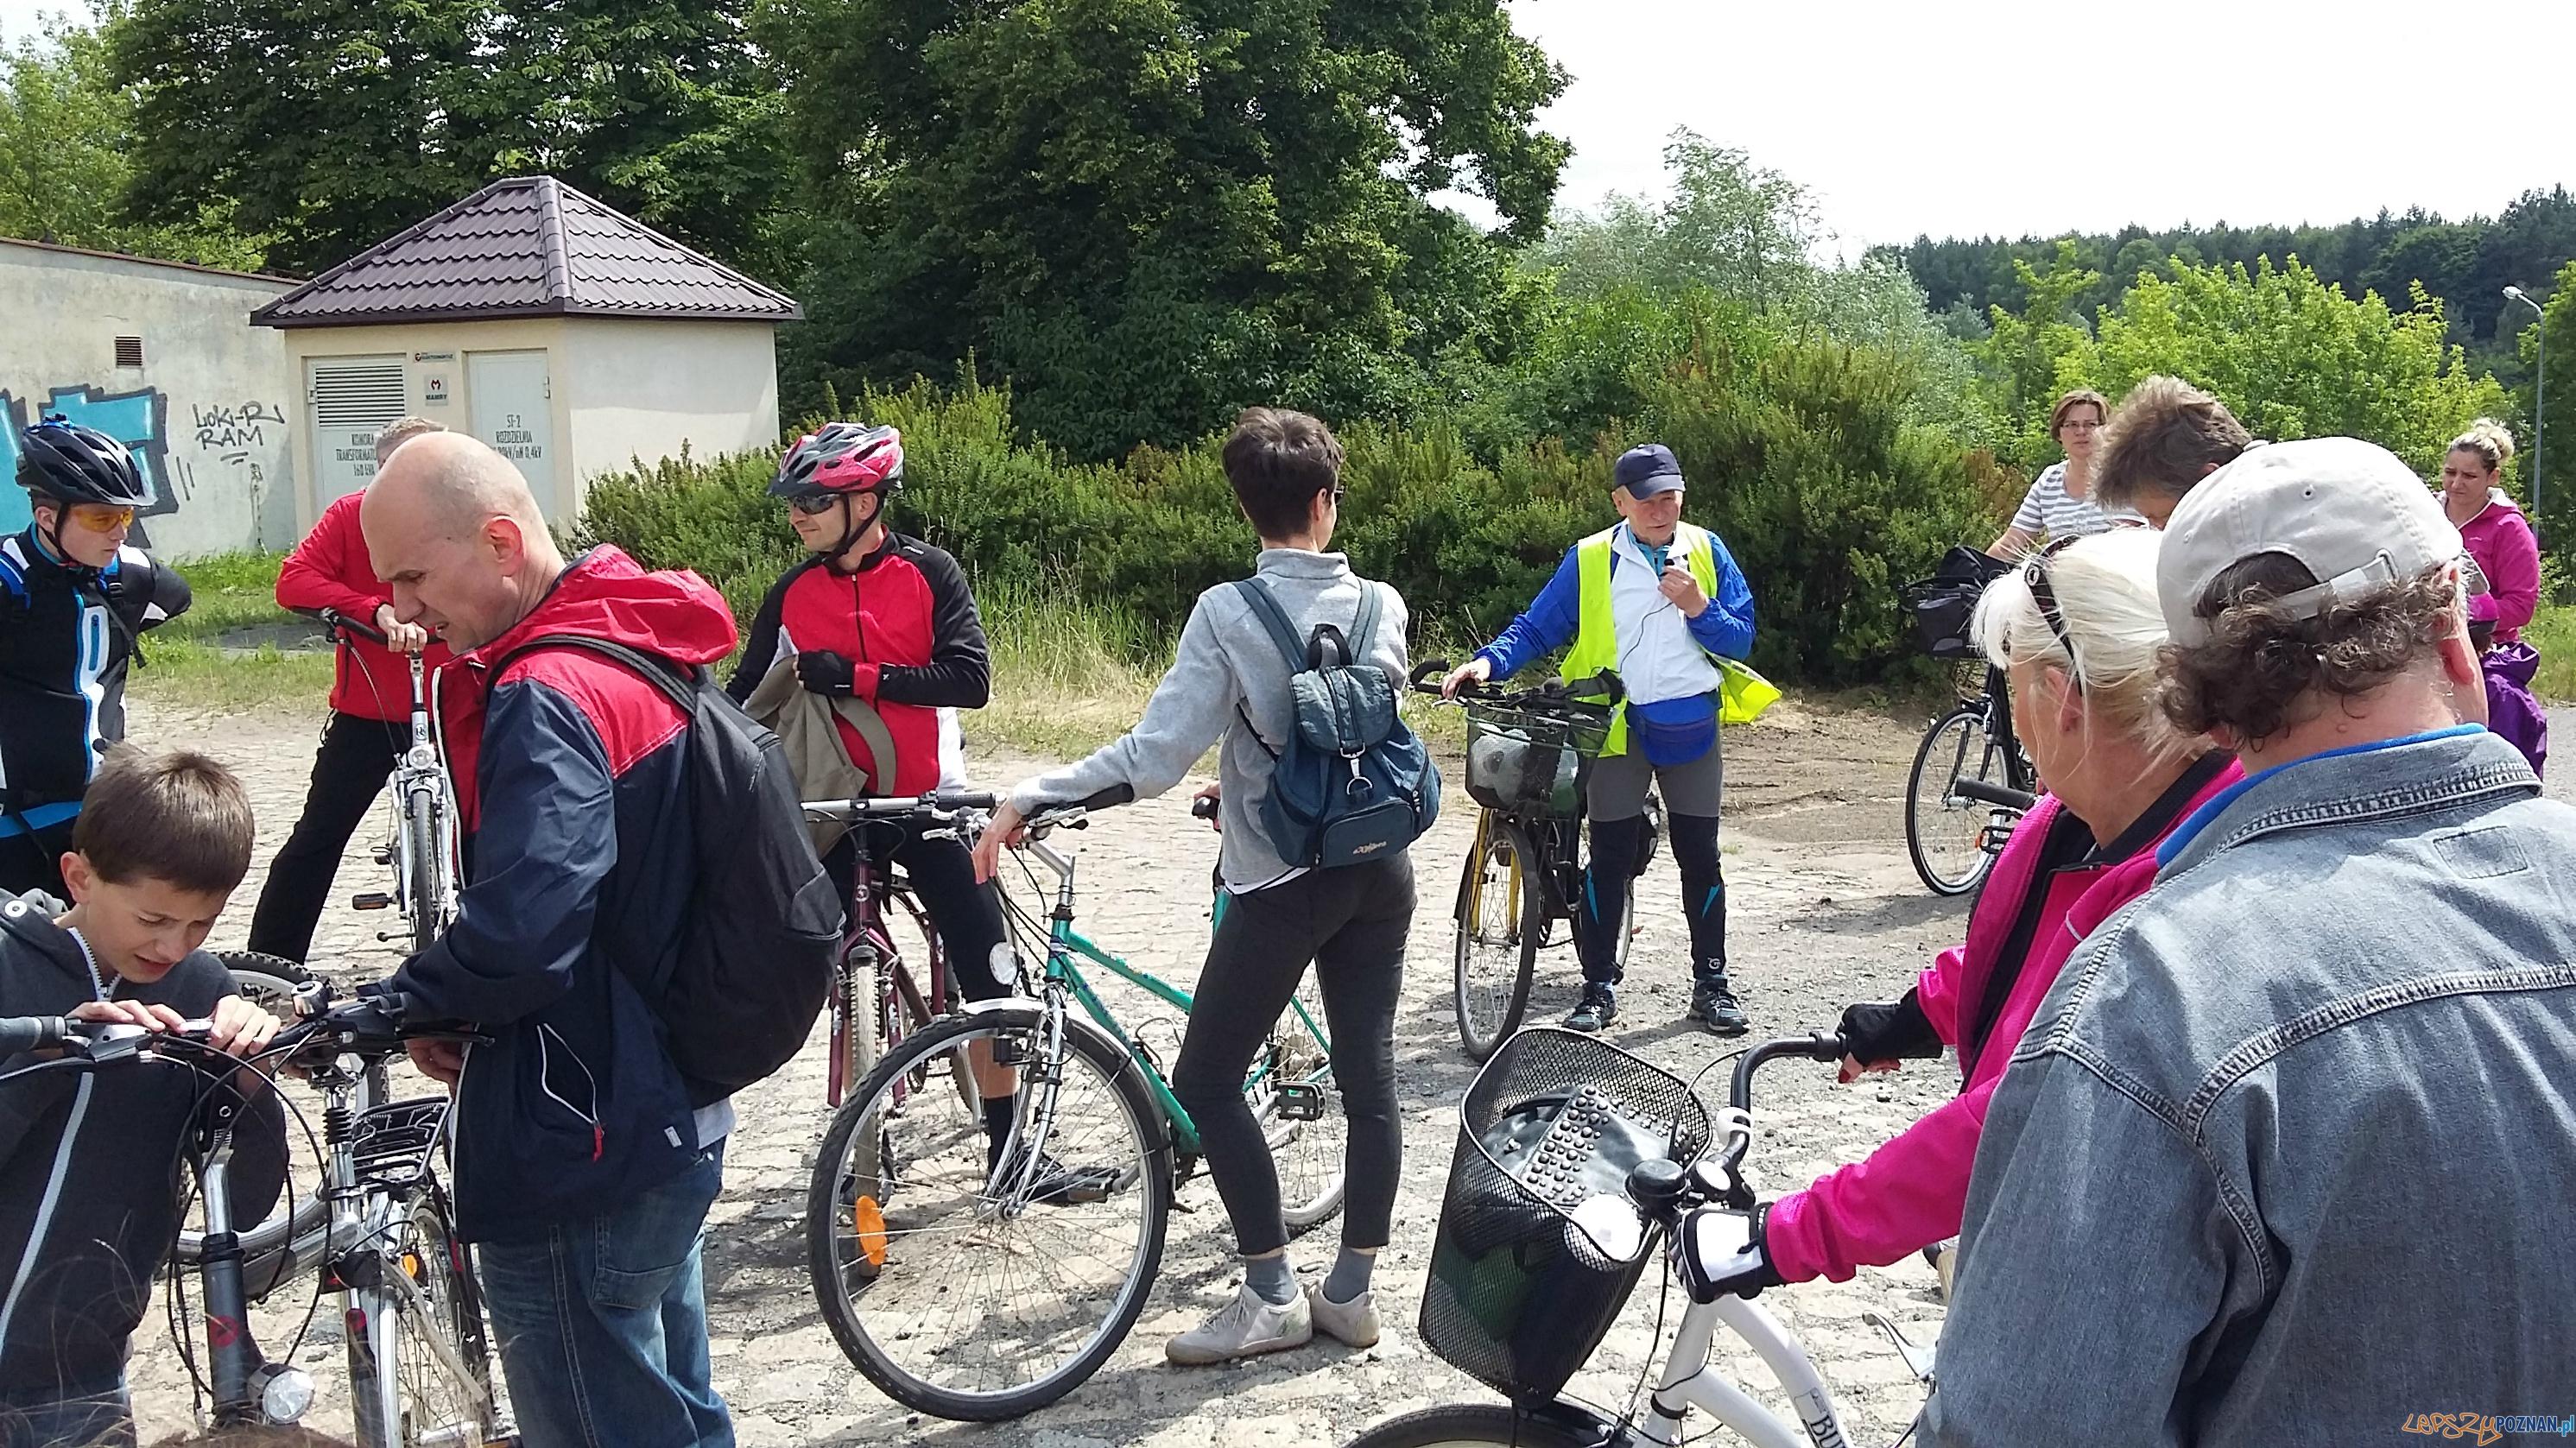 Osiedlowy Rajd Rowerowy szlakiem okolicznych historii  Foto: fb.com/poznan.antoninek